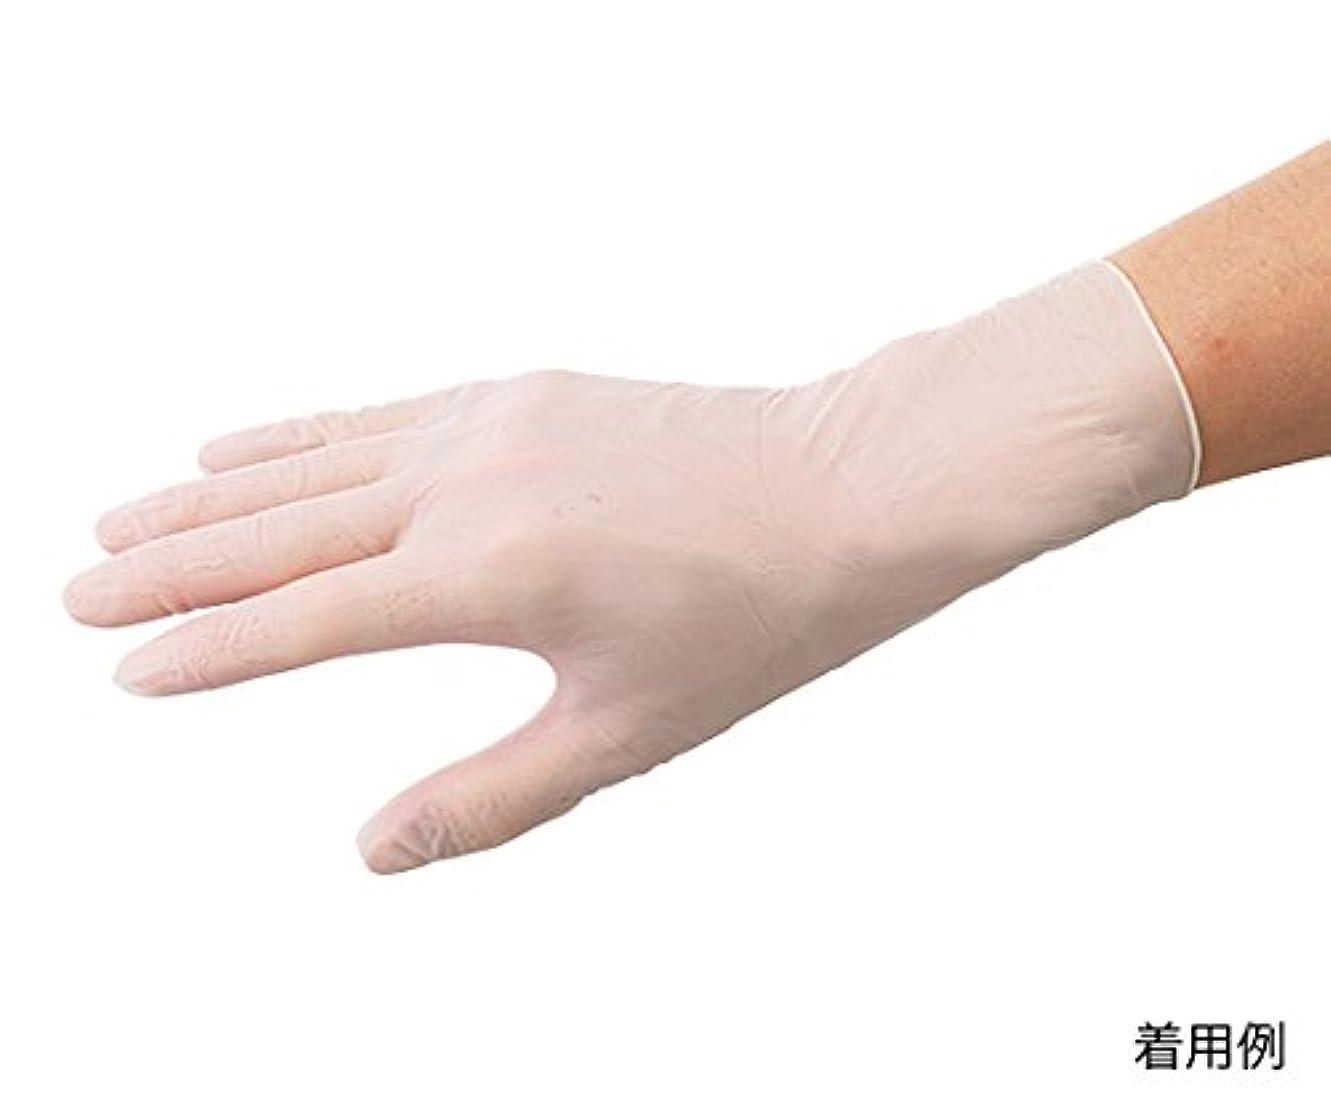 どっち魔術師船尾イワツキ61-9987-76クリーンハンドグローブ滅菌済パウダーフリー7.020双